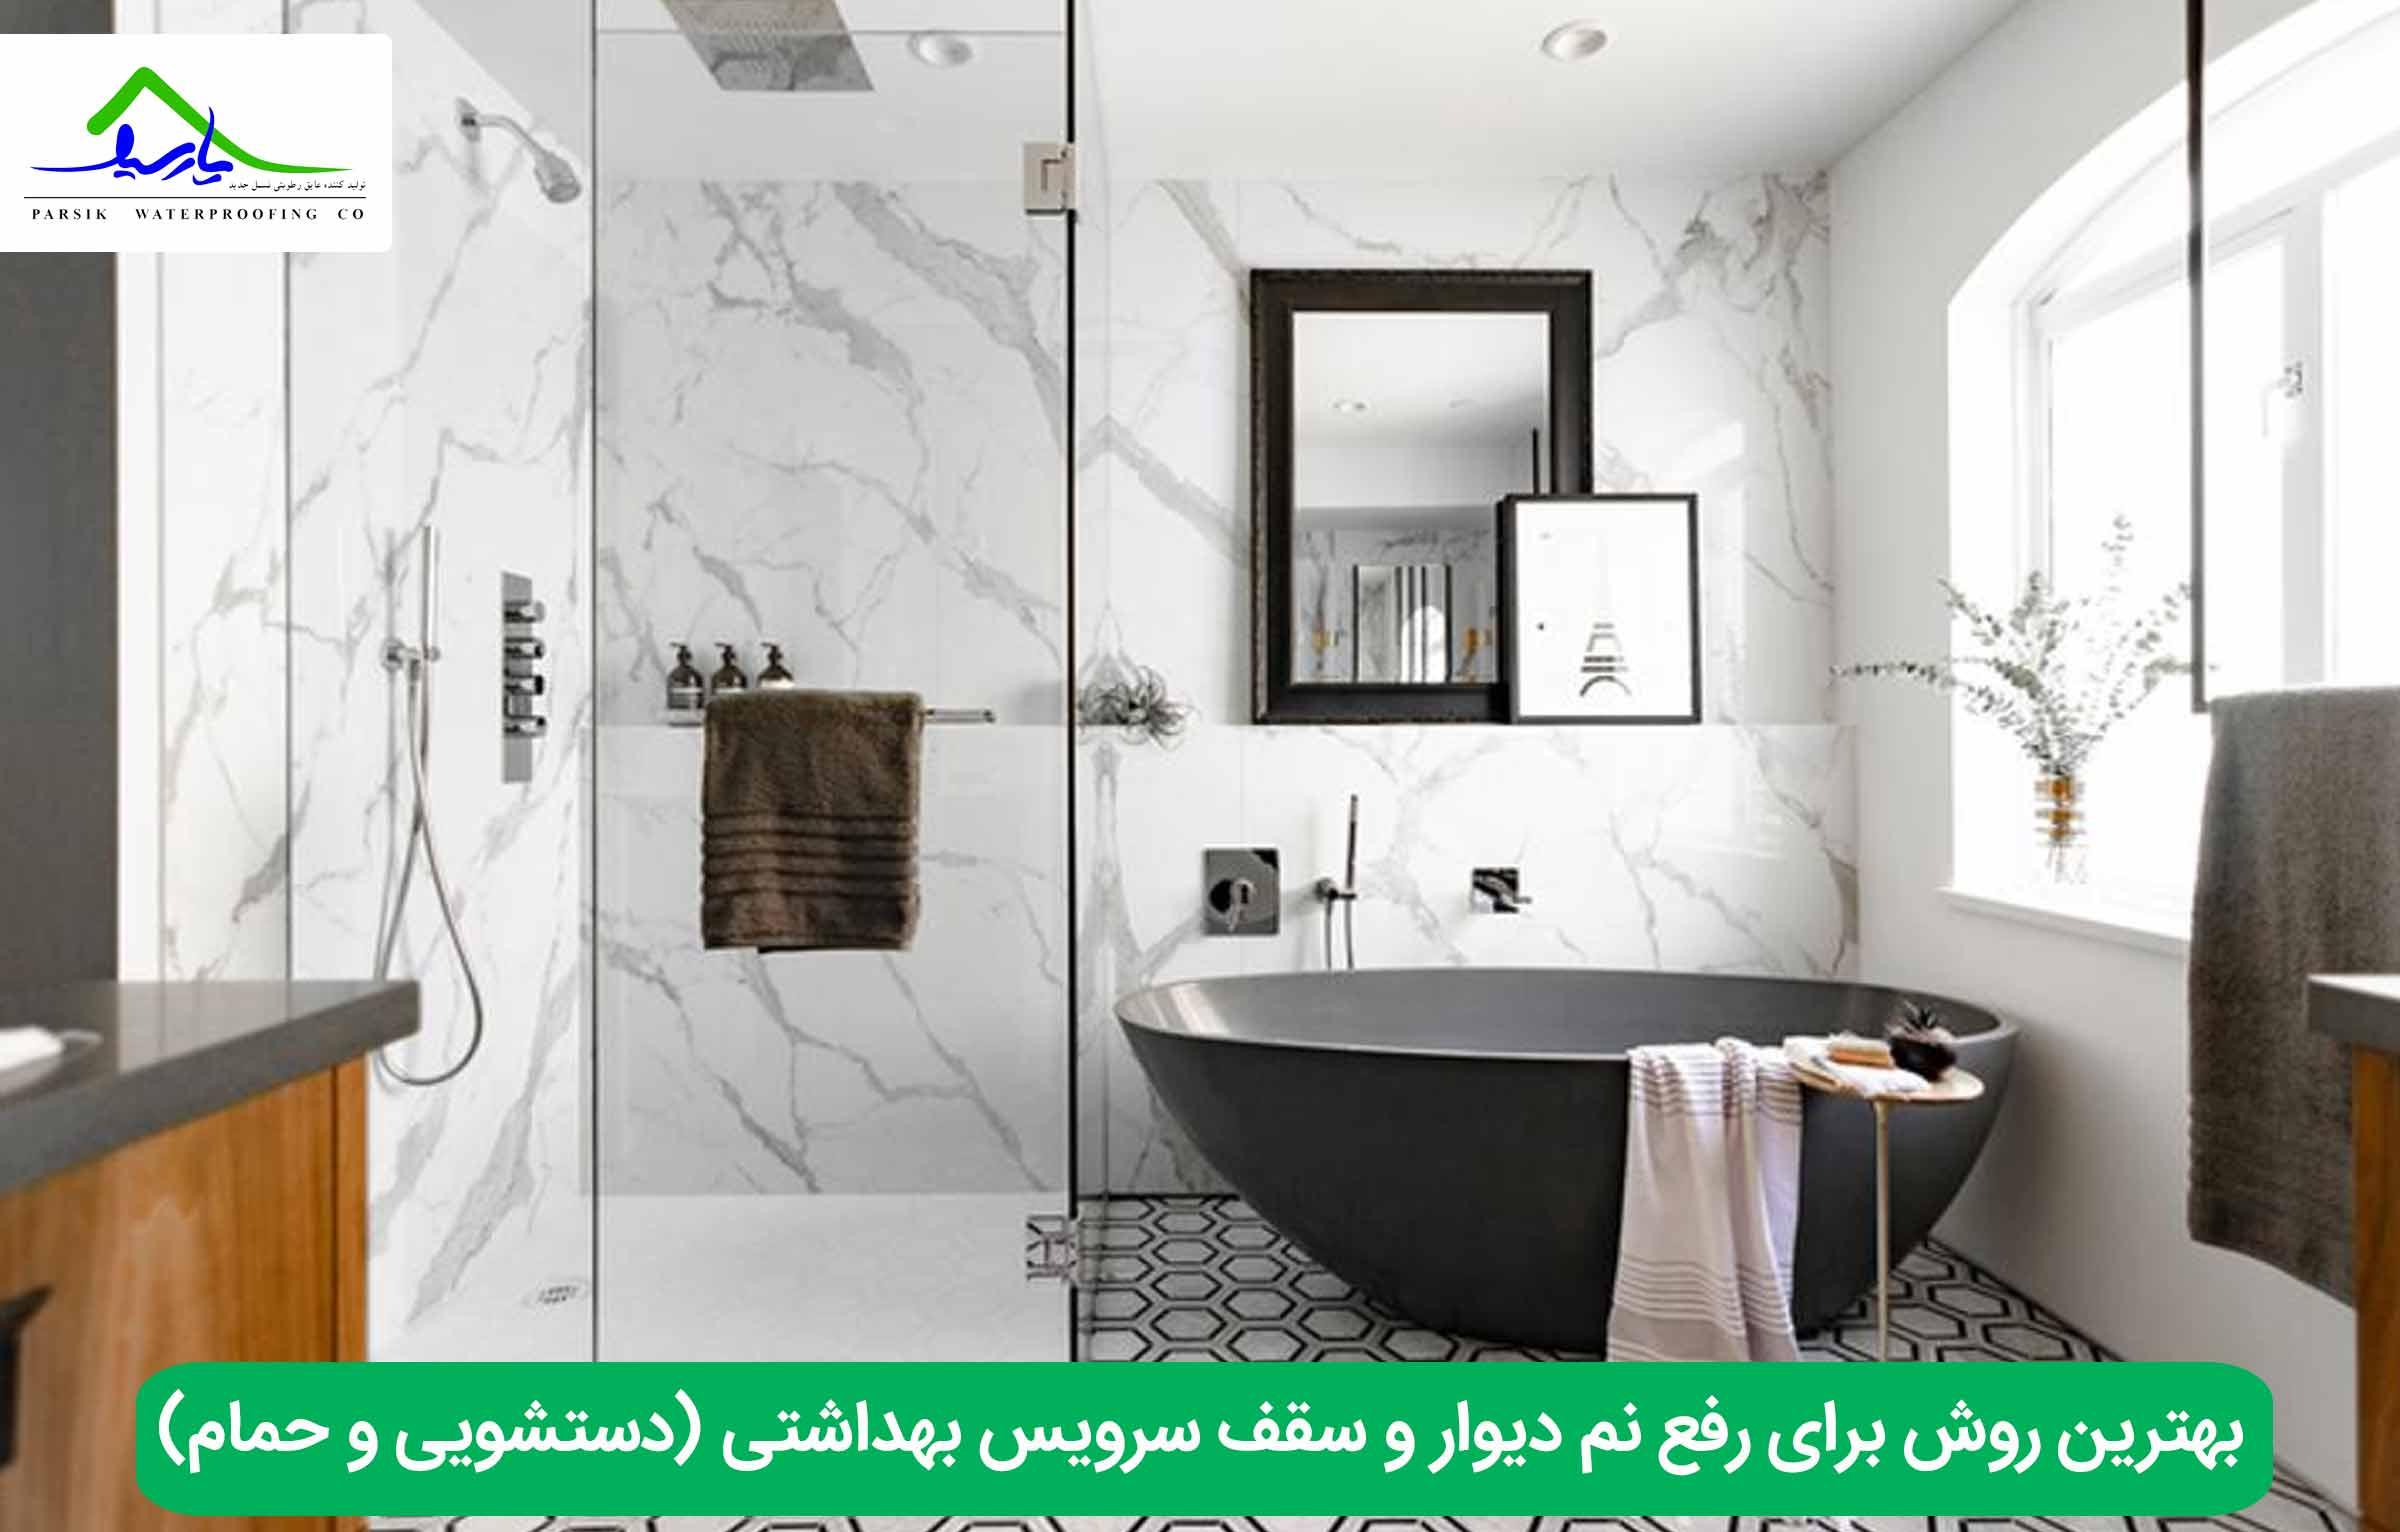 بهترین روش برای رفع نم دیوار و سقف سرویس بهداشتی (دستشویی و حمام)